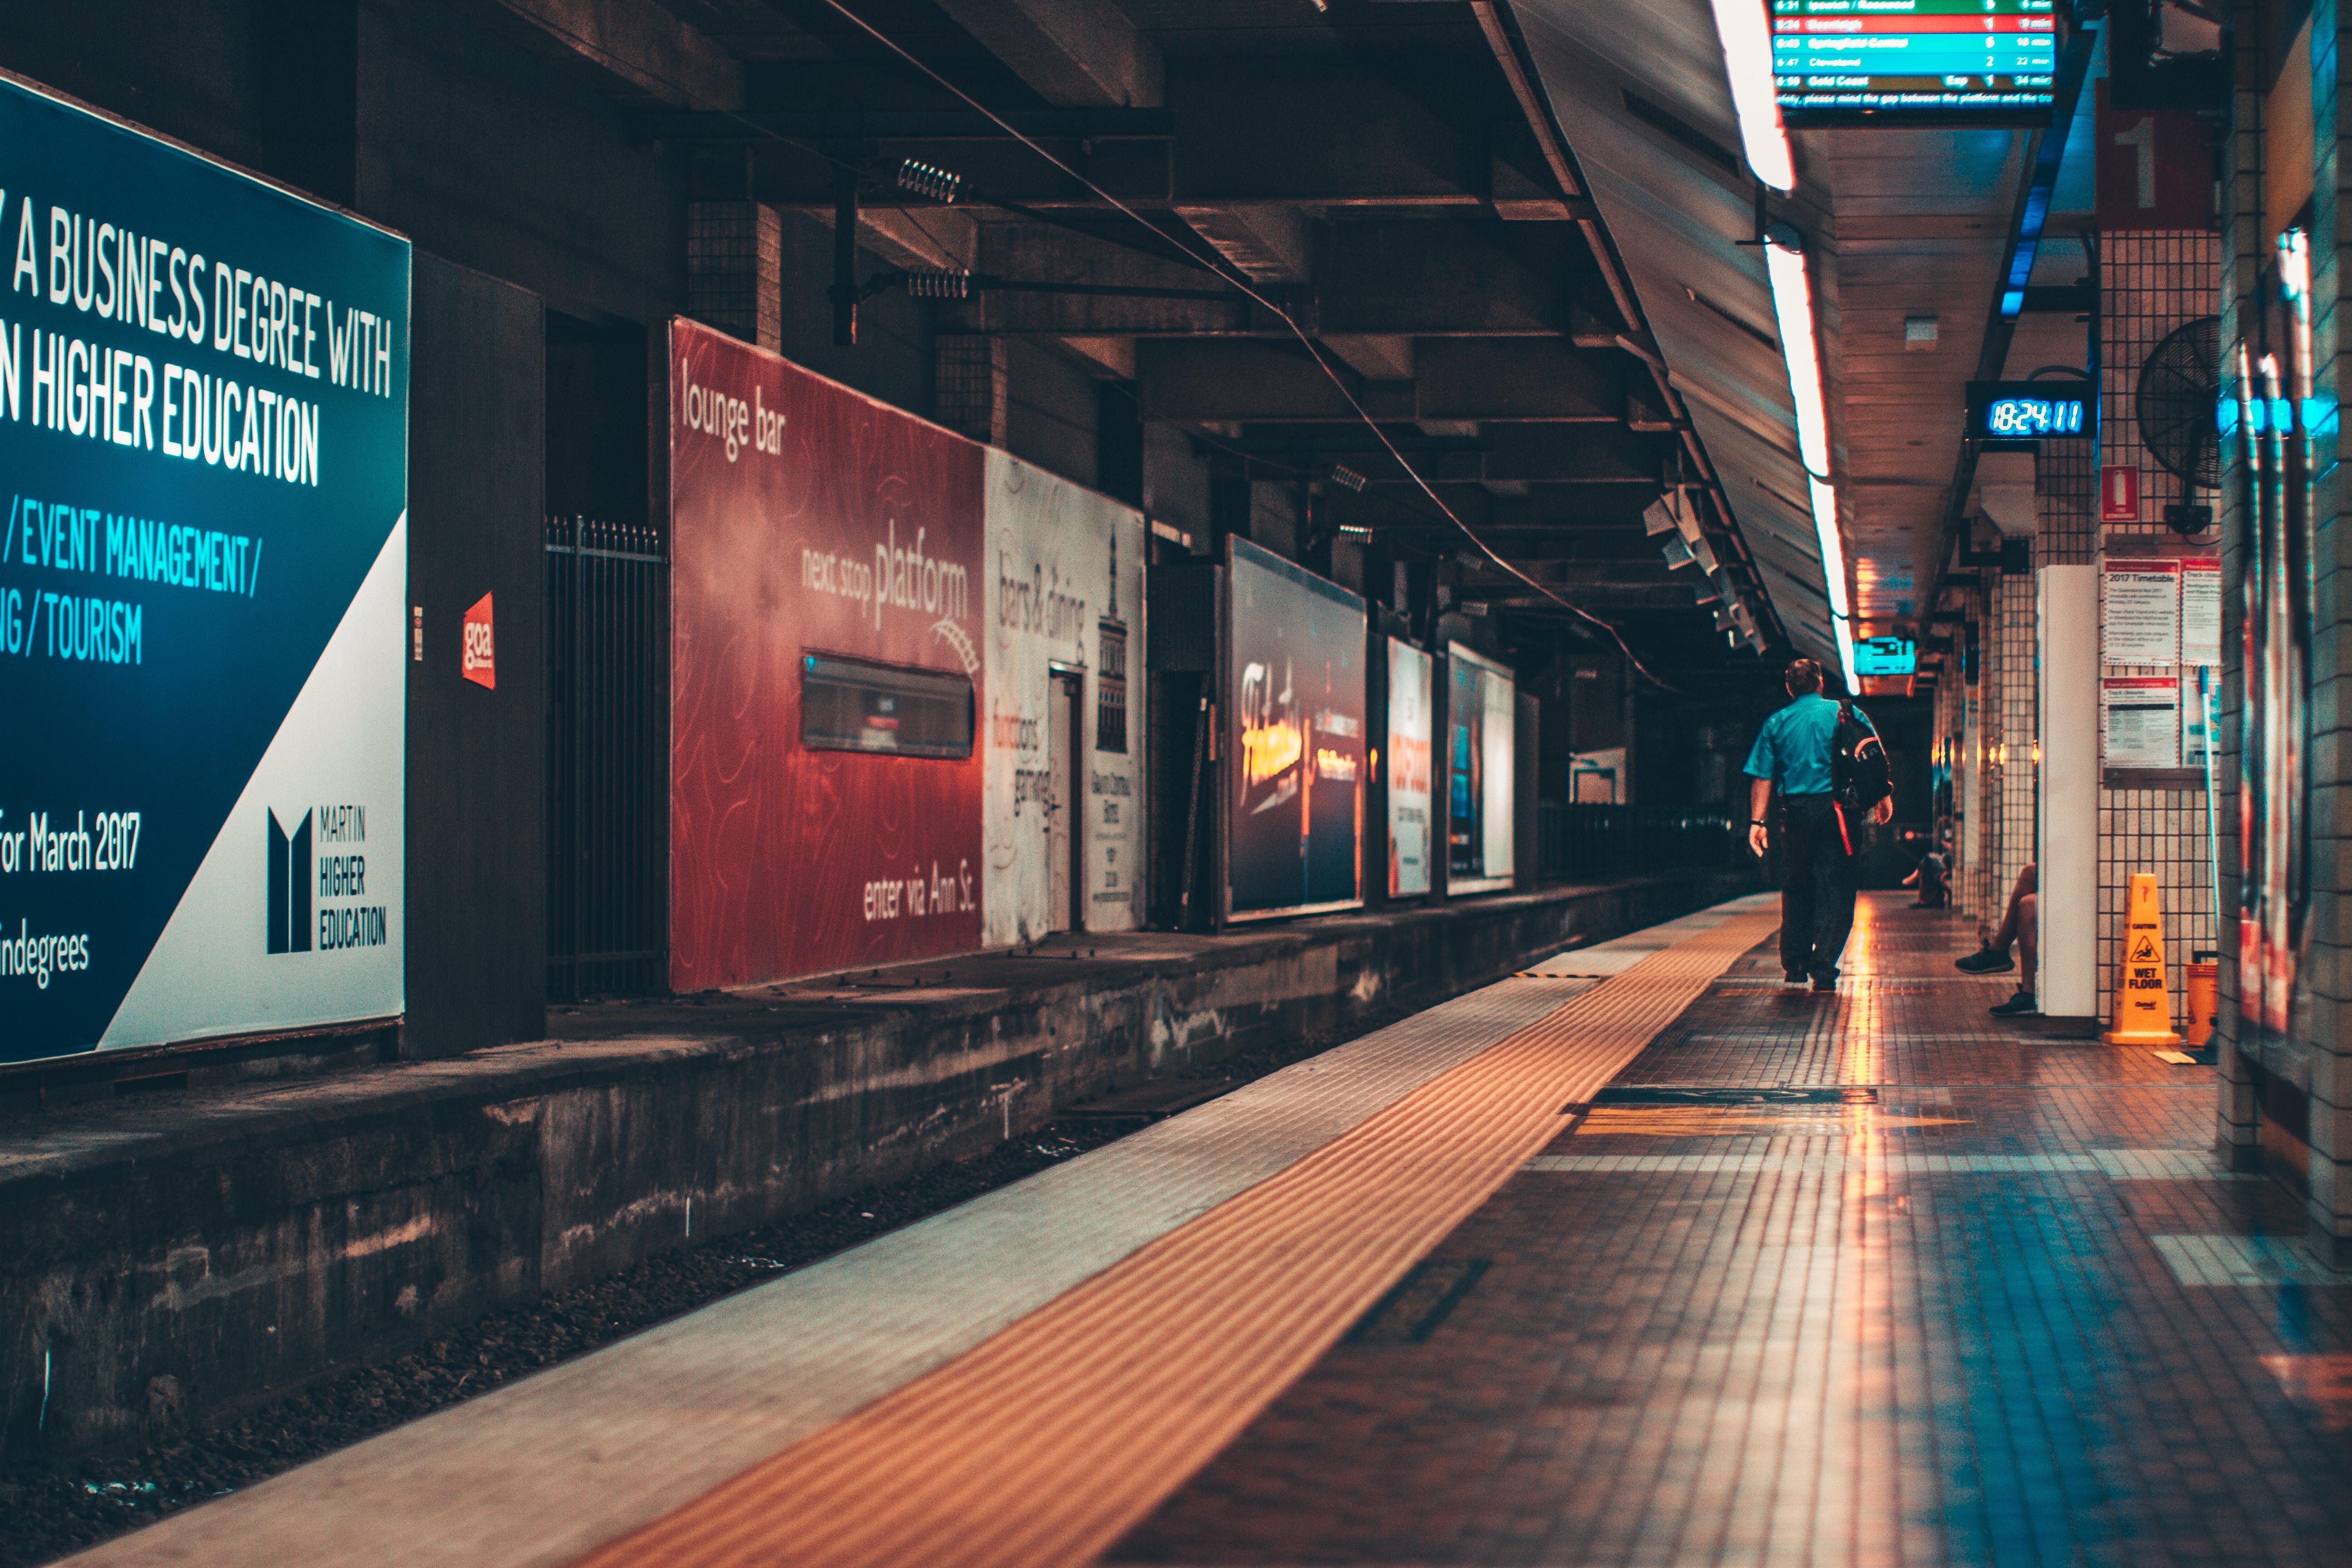 A lone man walking across the railway platform in Brisbane